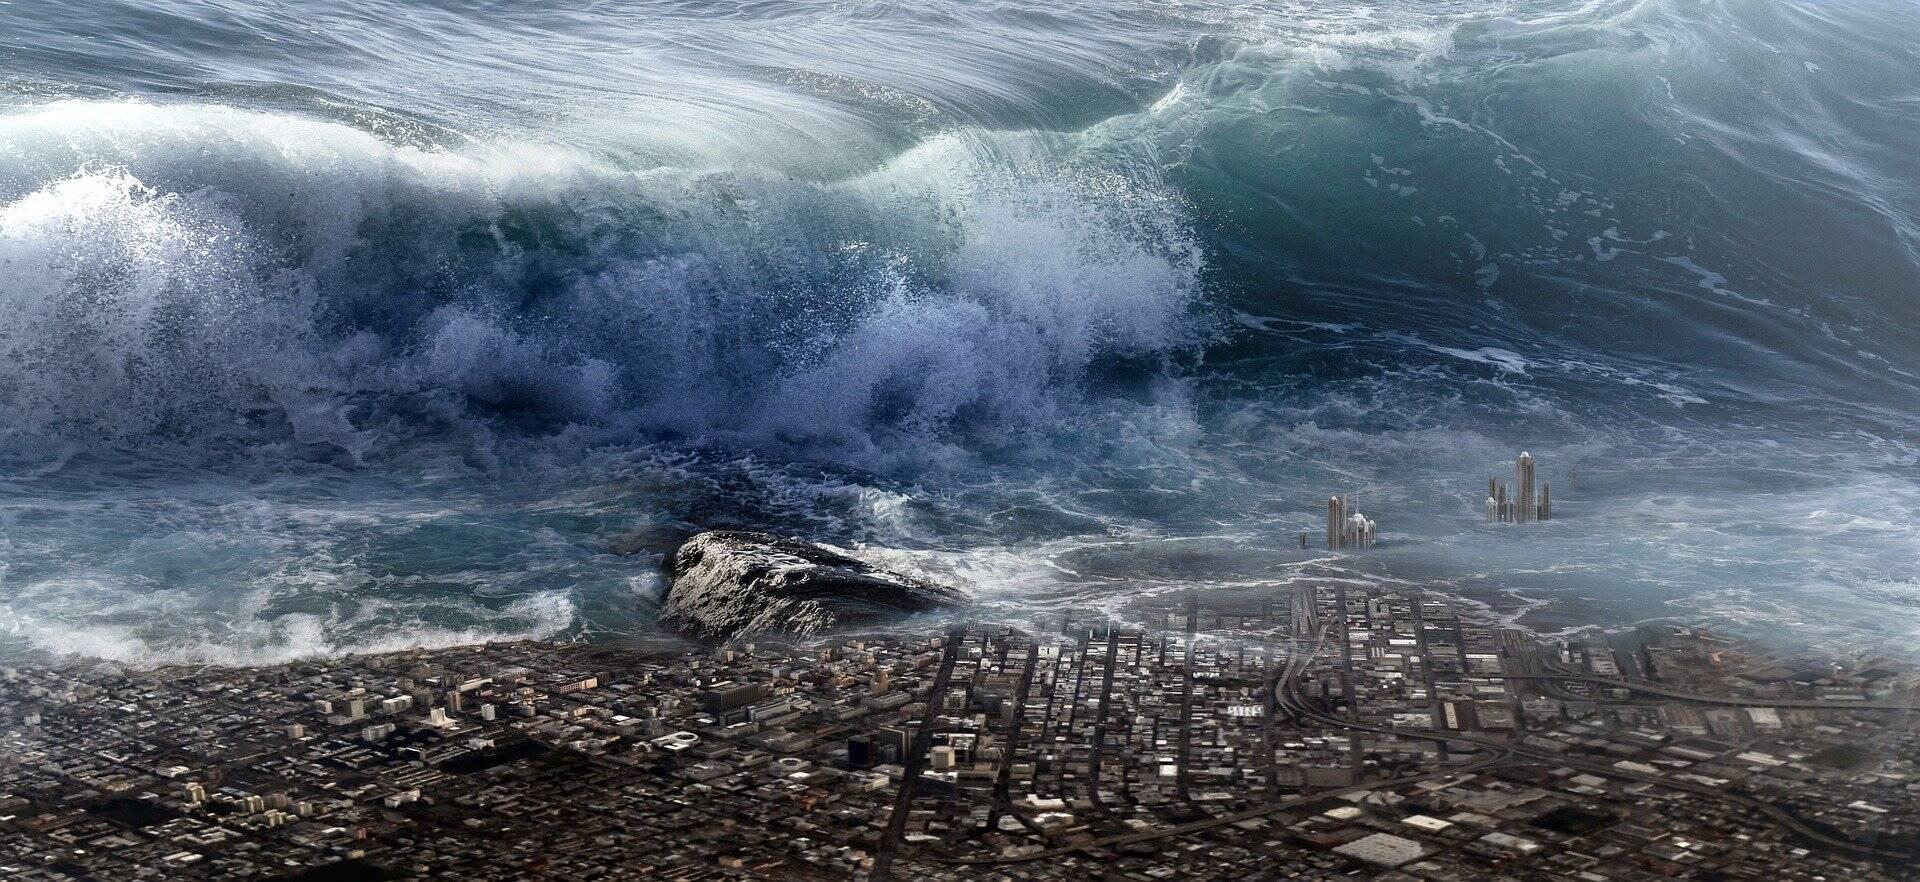 Nos últimos dias, uma notícia de que a erupção do vulcão Cumbre Vieja poderia chegar a ocasionar um tsunami no Brasil, começou a circular na web. (Foto: Pixabay)